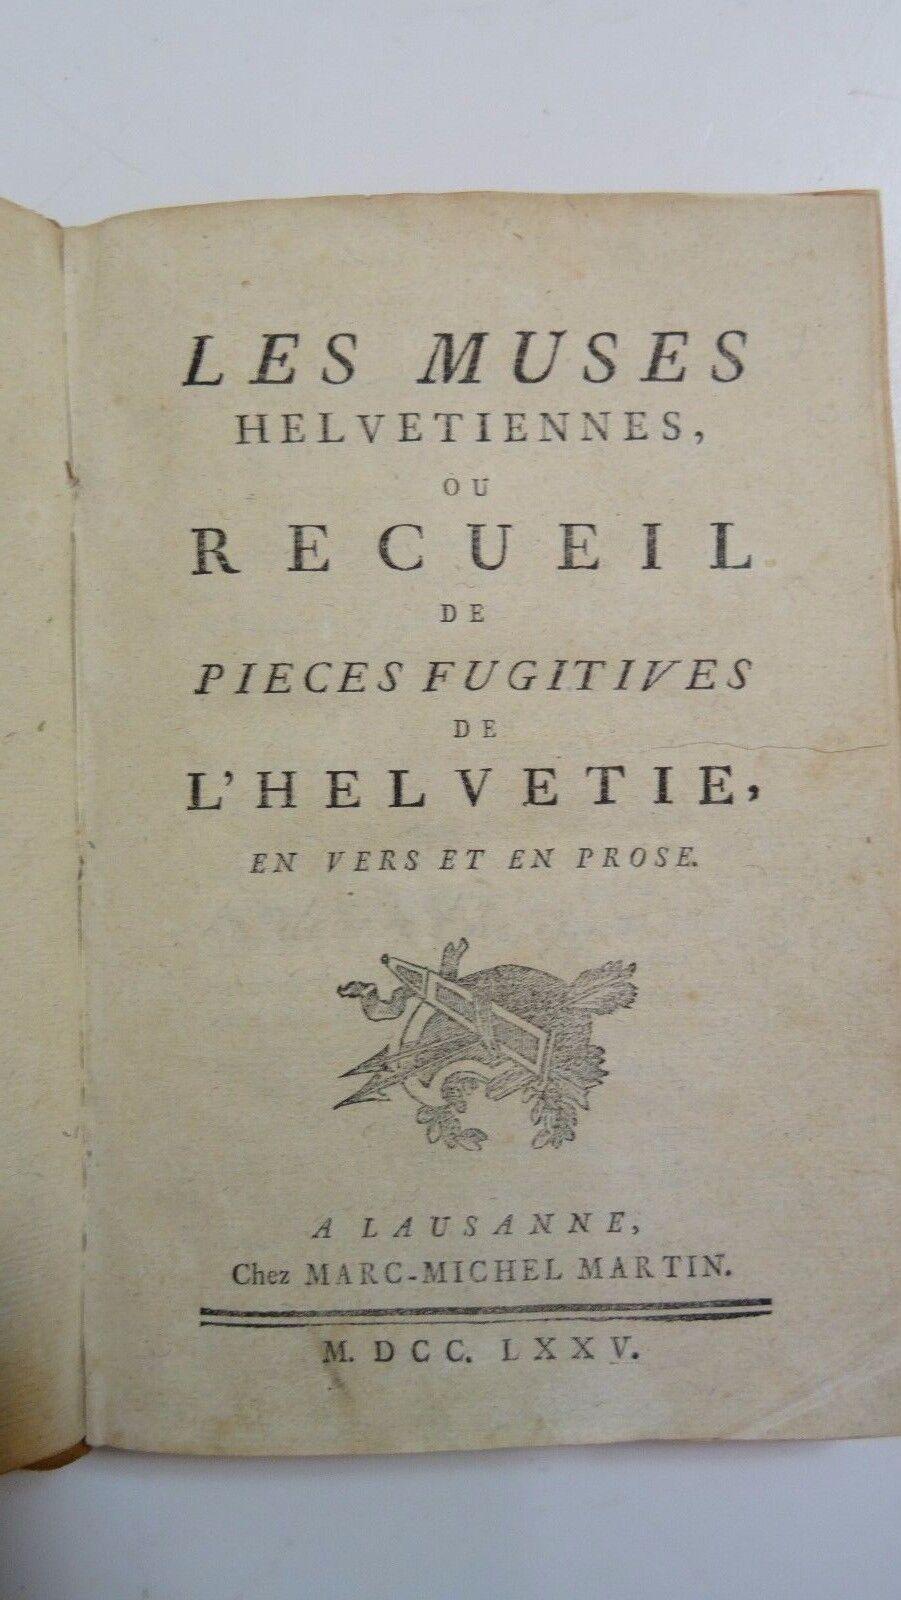 Vialibri Rare Livre Ancien Les Muses Helvetiennes 1775